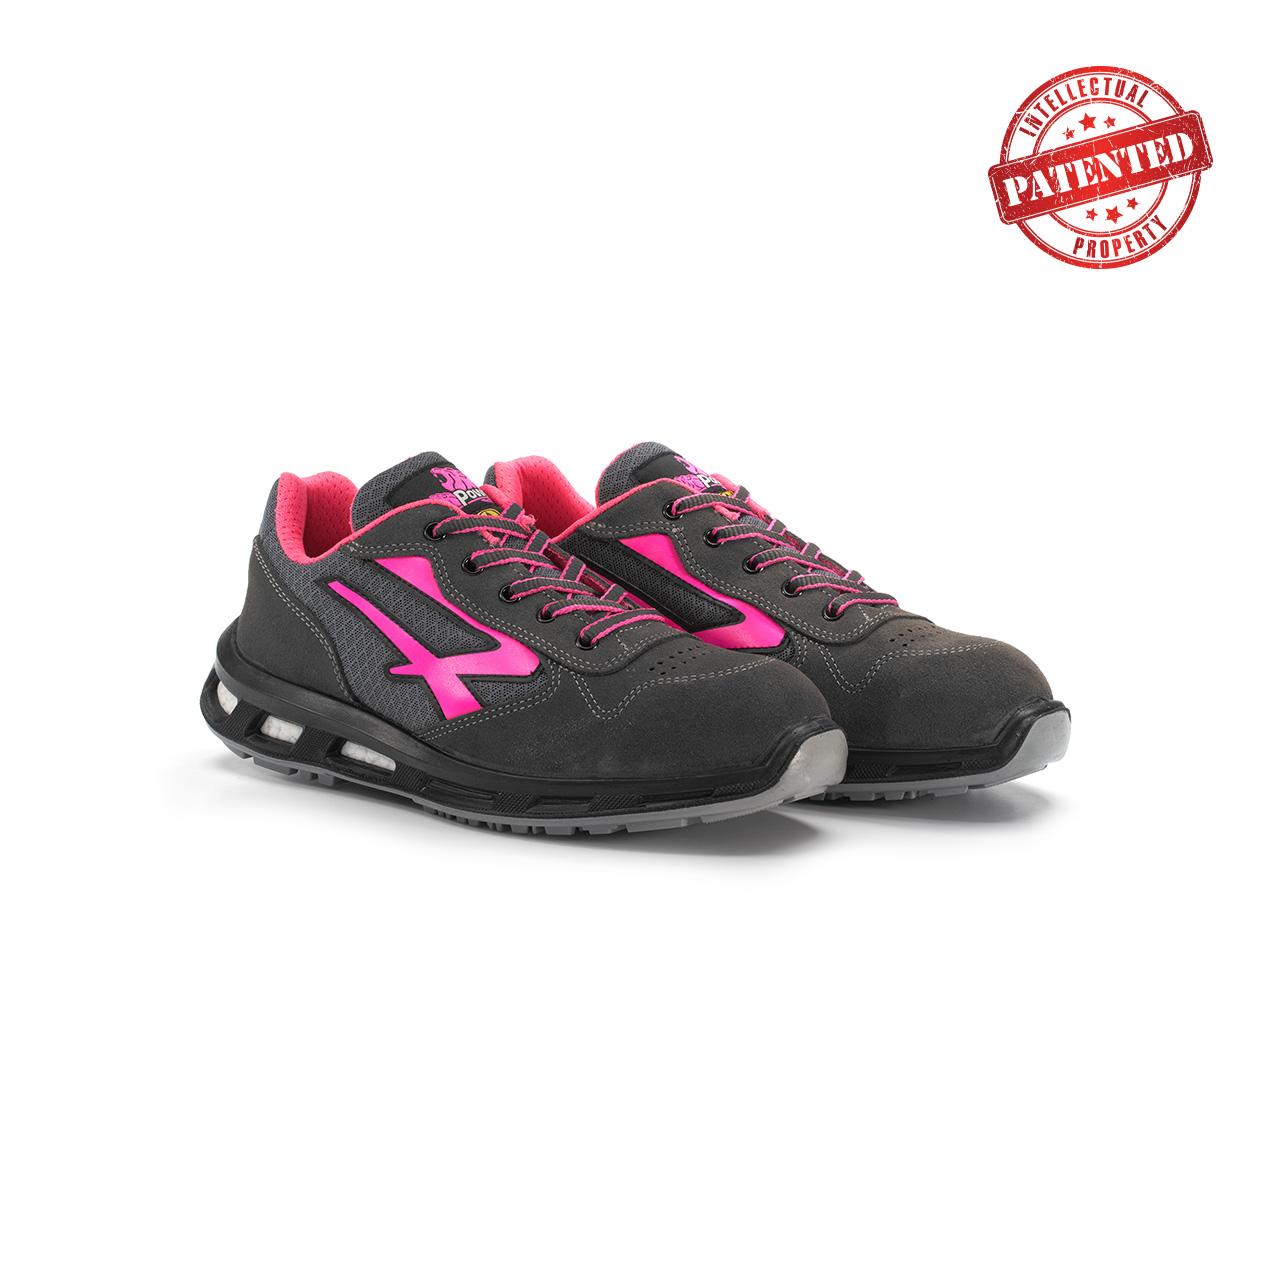 paio di scarpe antinfortunistiche upower modello verok linea redlion vista prospettica